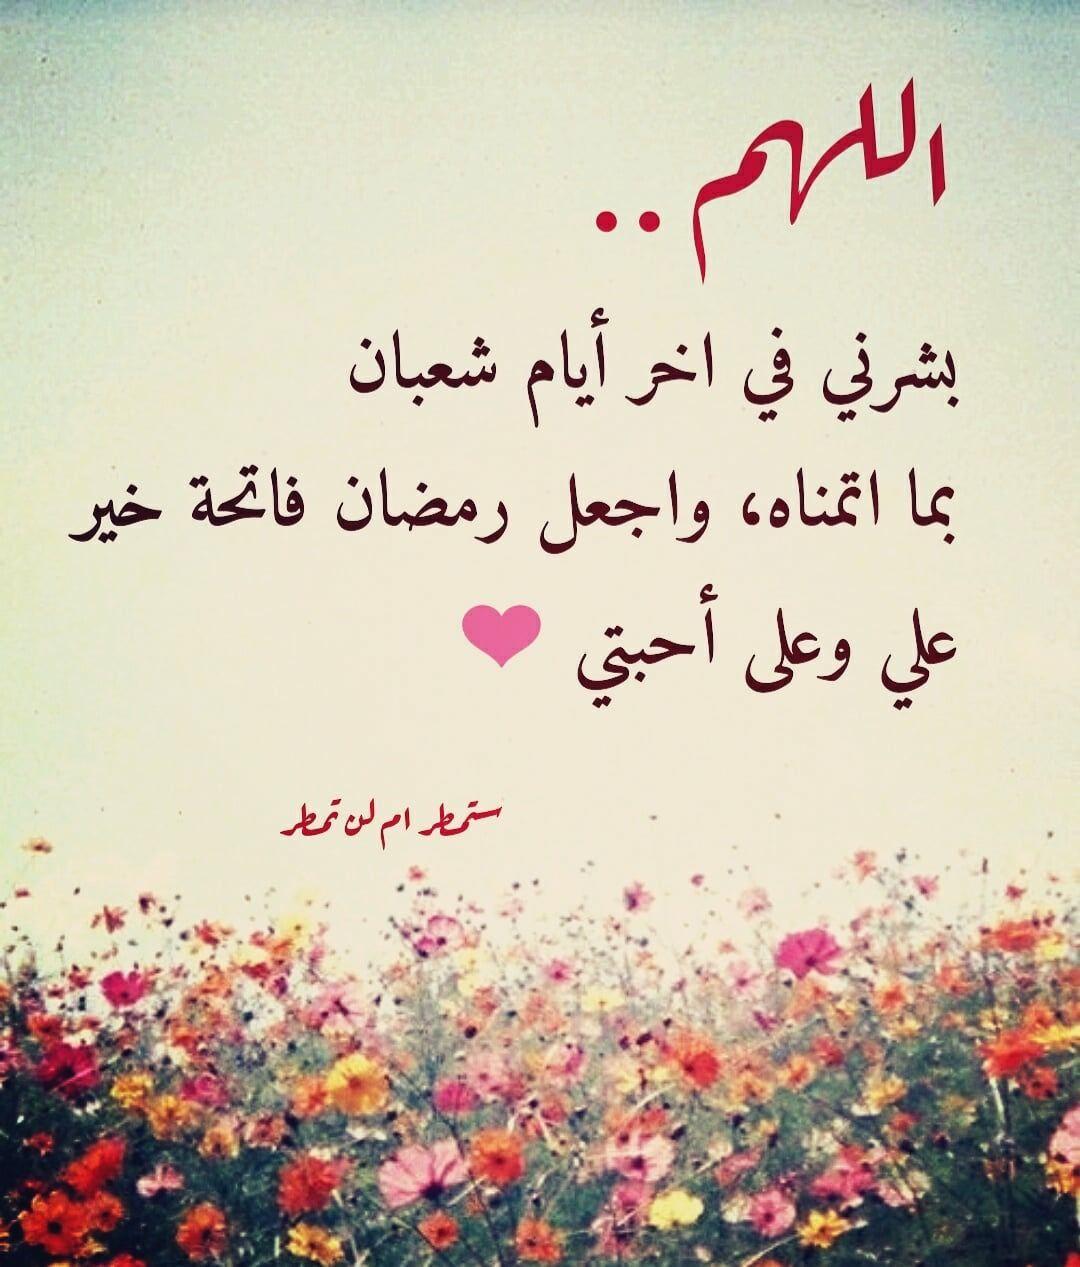 اللهم آمين Islamic Pictures Ramadan Islam Quran